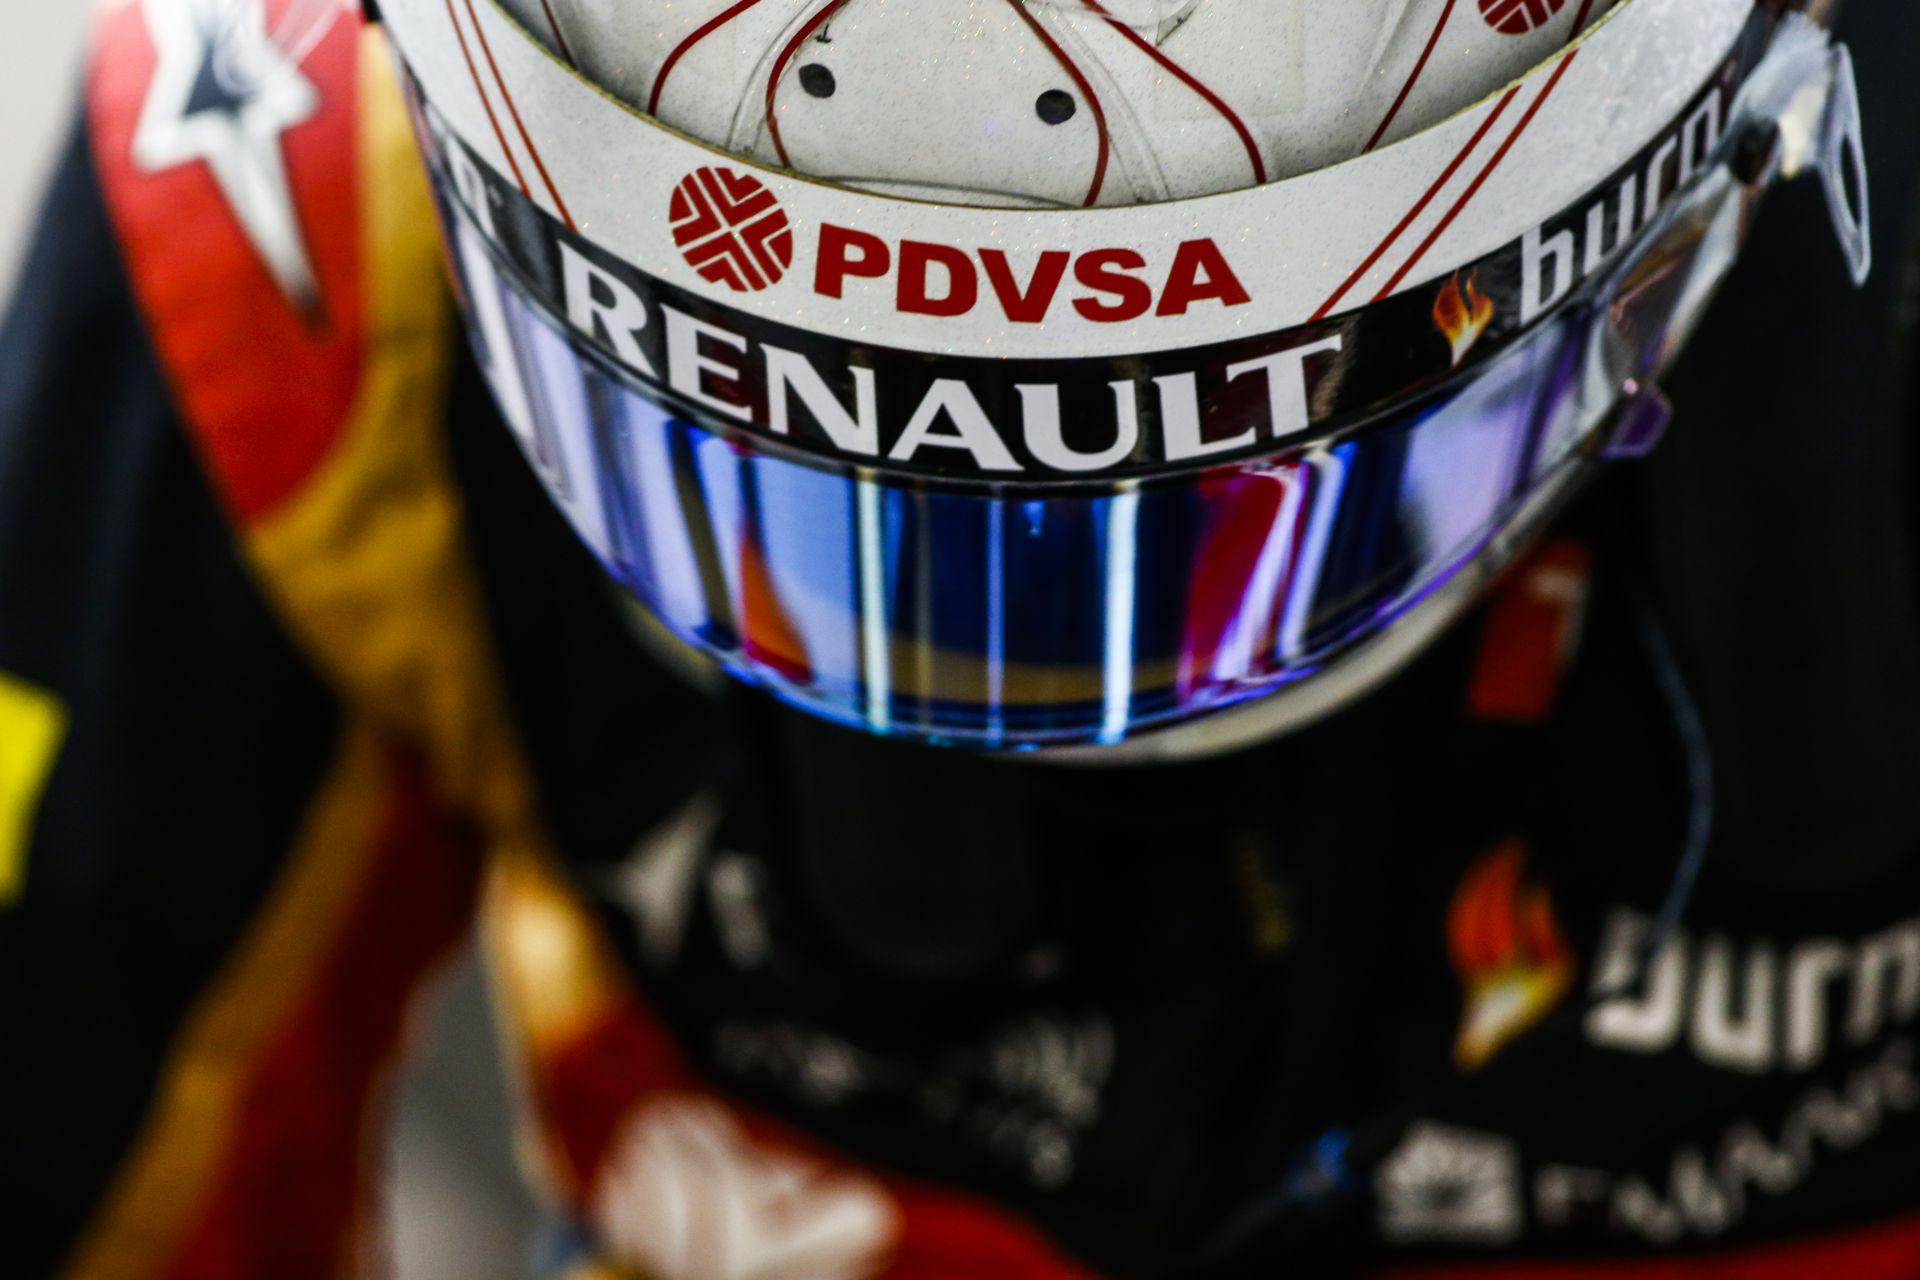 Videón Grosjean csúnya kiakadása a Lotus miatt: Nem érdekel, nem érdekel!